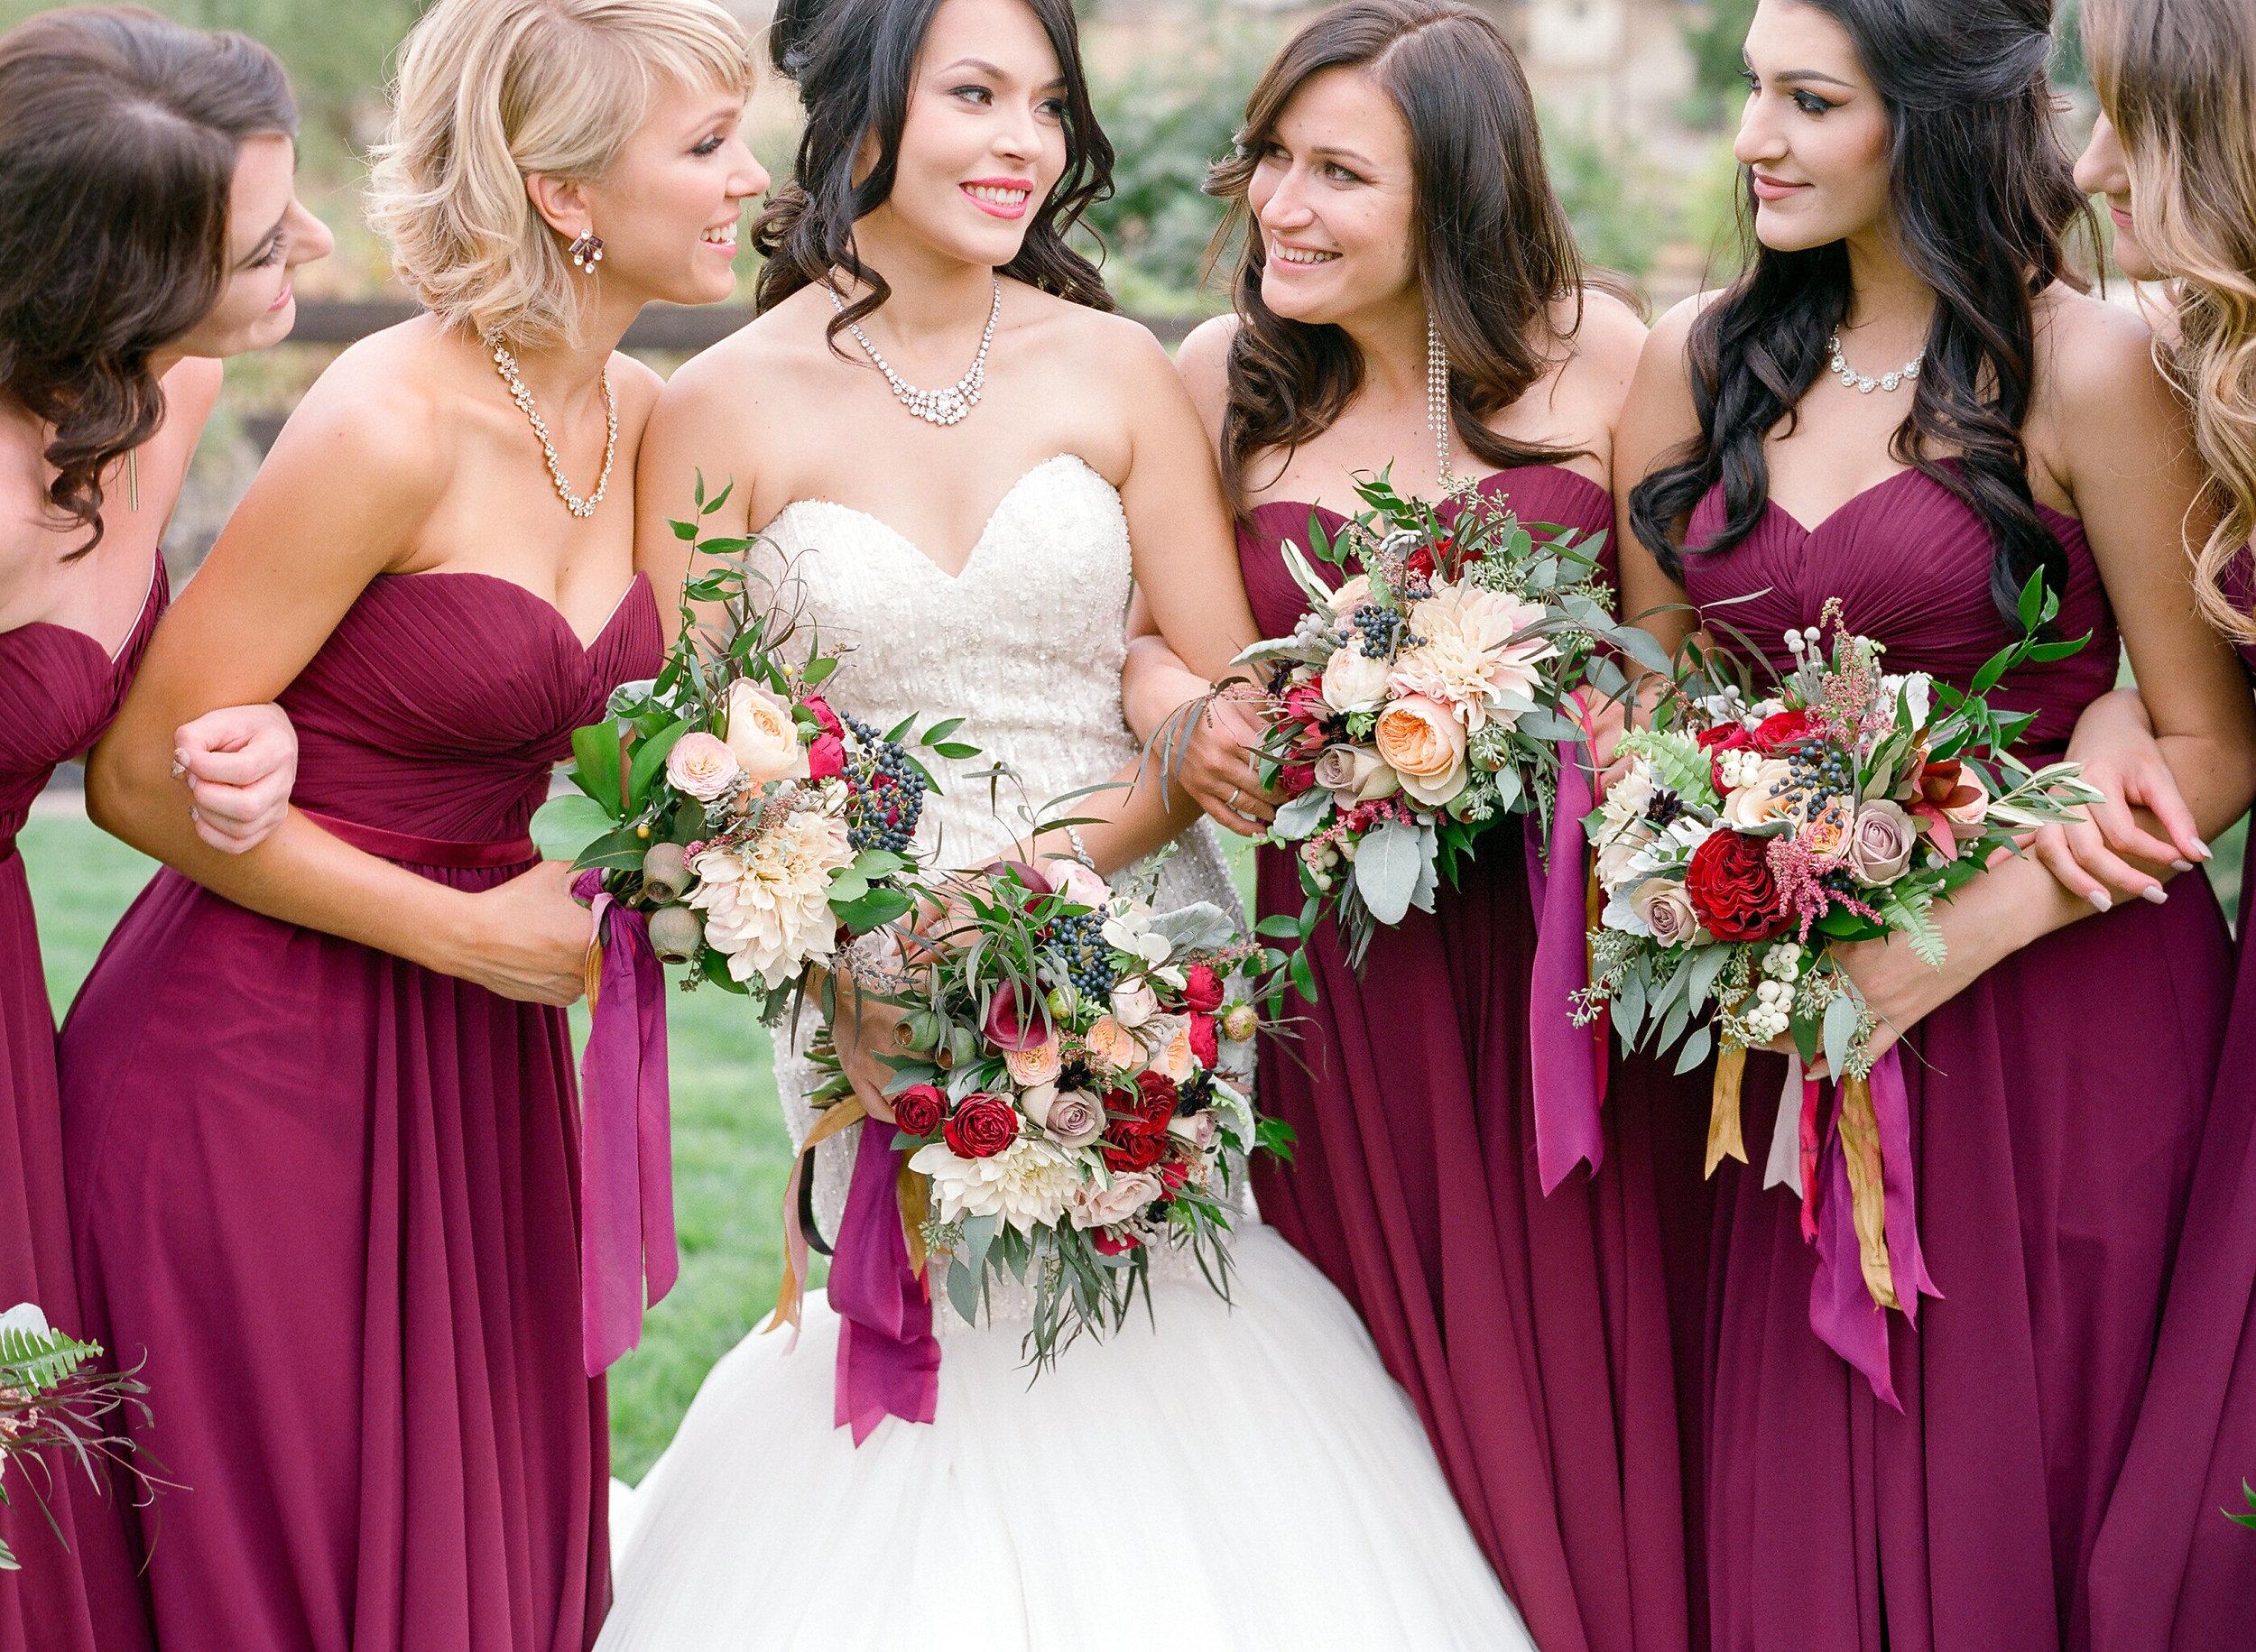 Amador_County_Wedding_Bride_Bridesmaids_Bouquets_Smiles_Rancho_Victoria_Vineyard_Northern_California copy.jpg